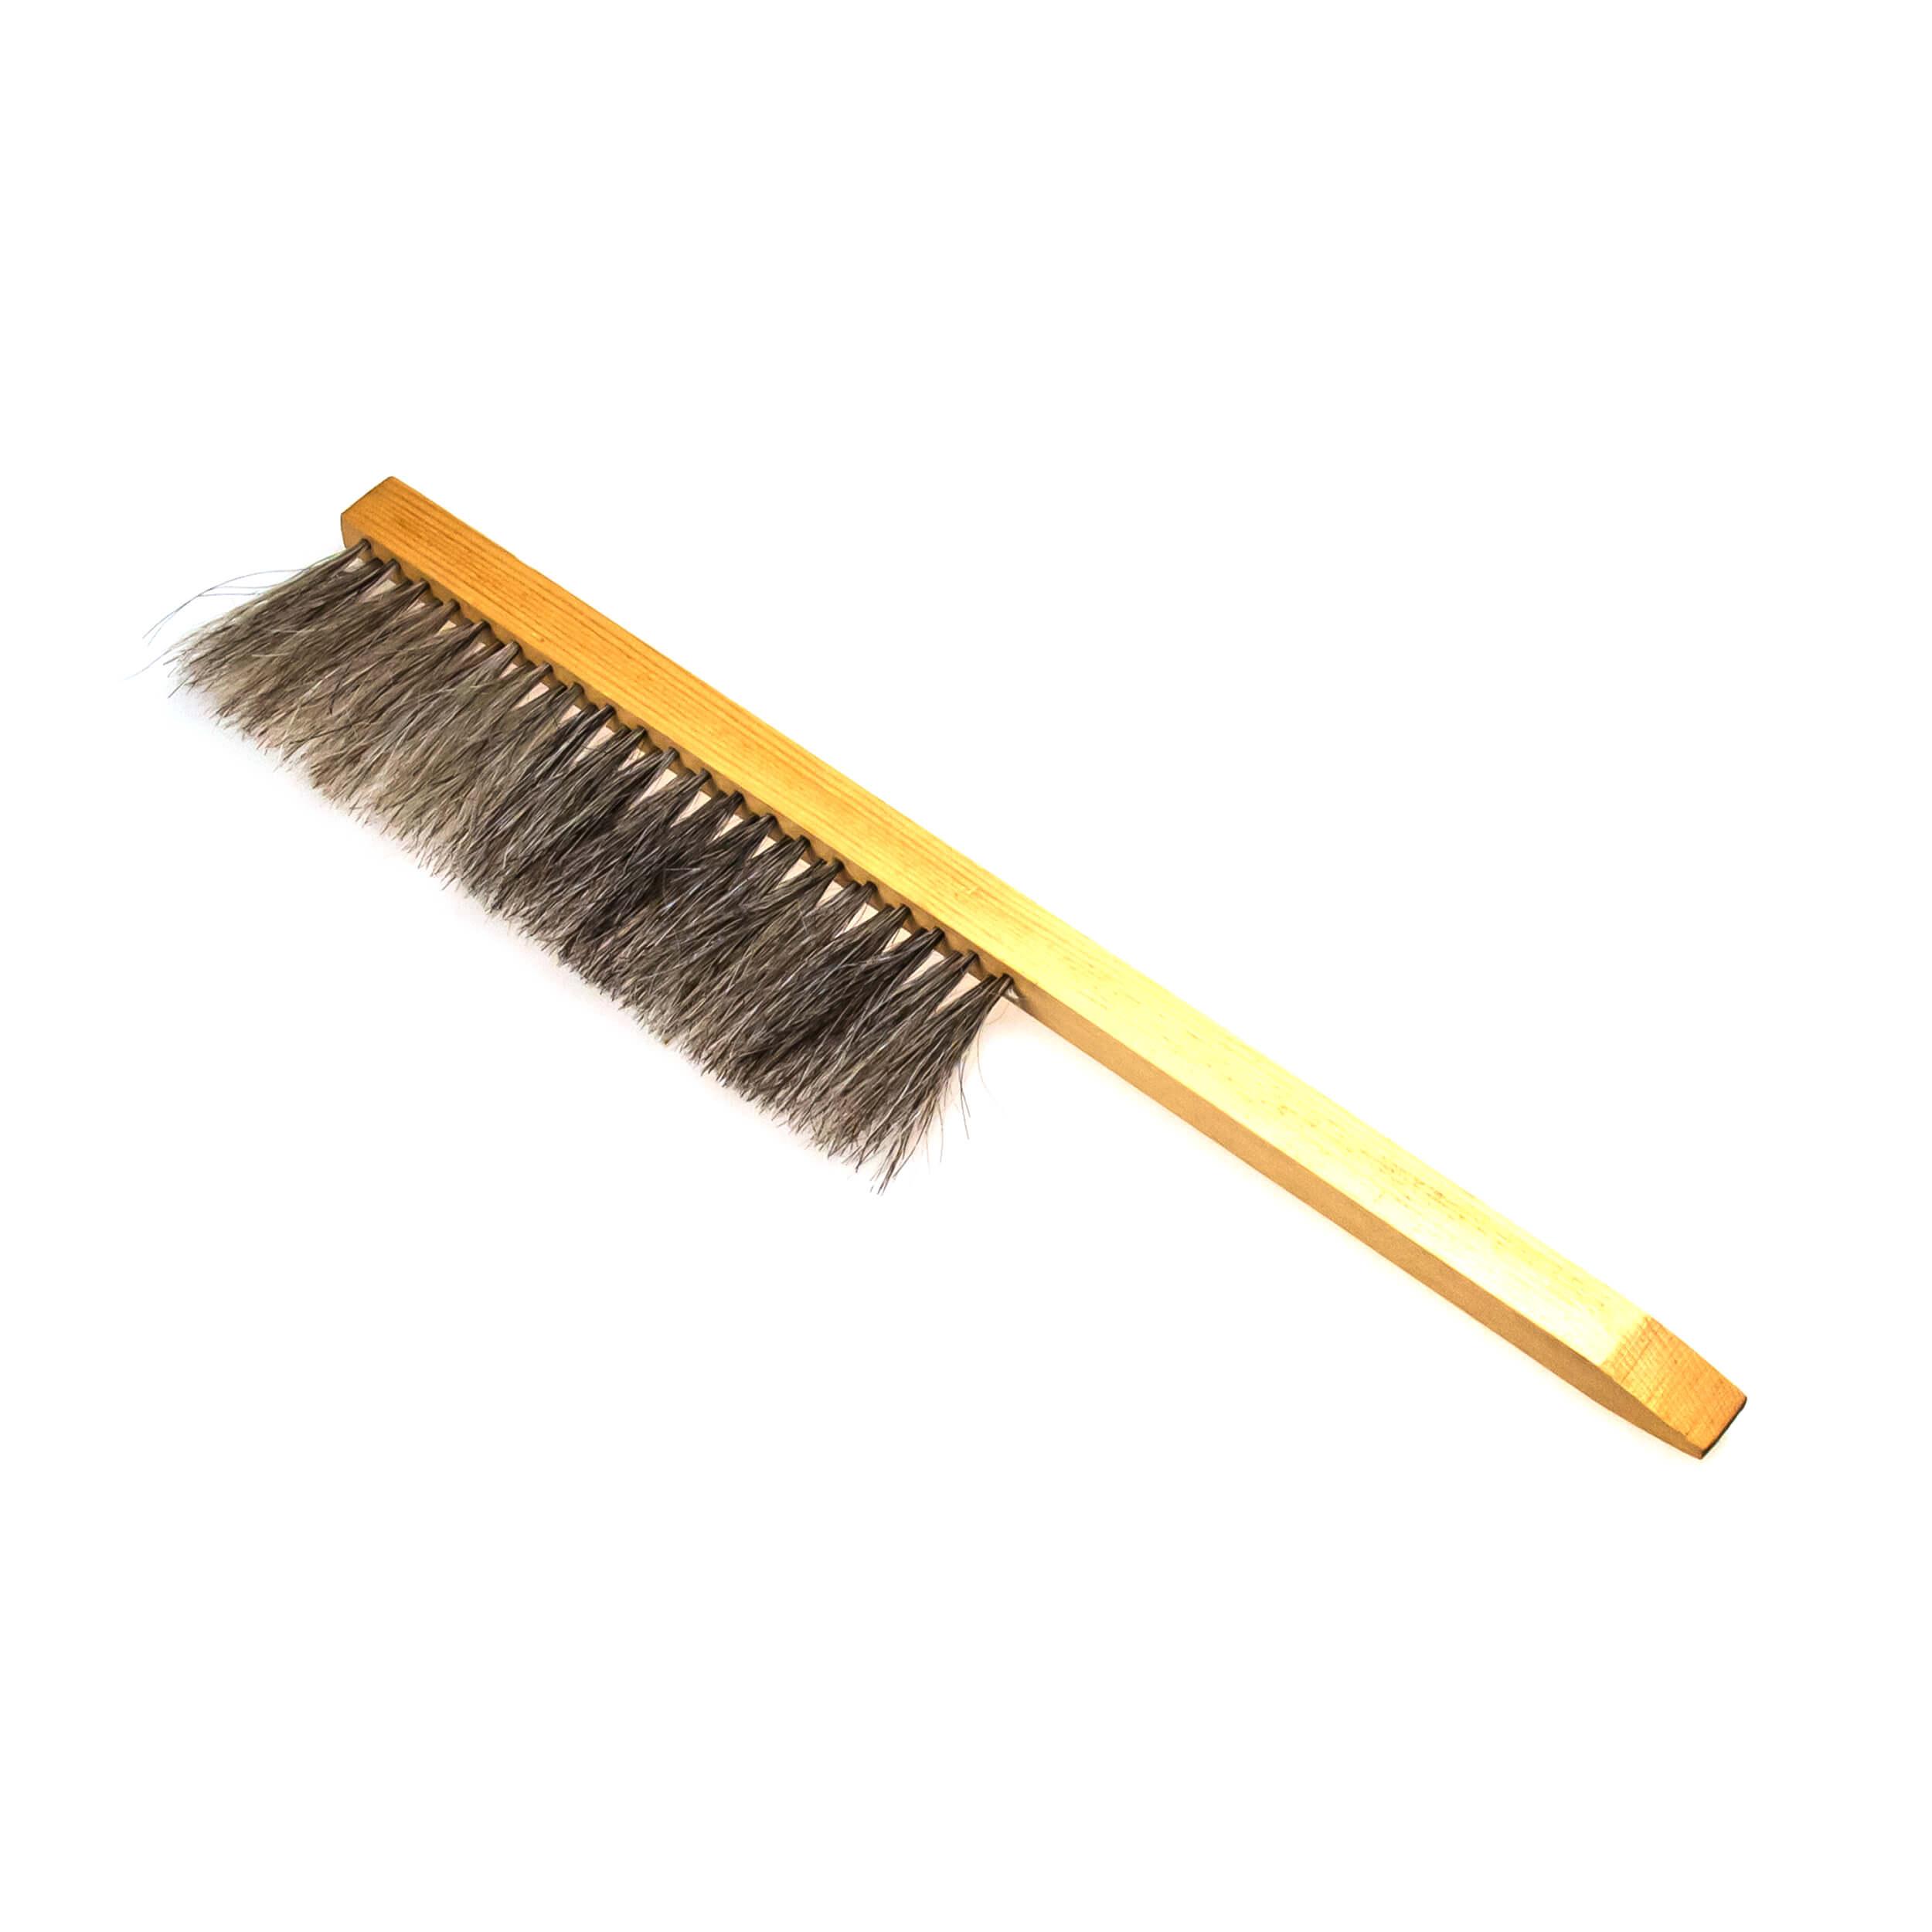 """Щетка сметка """"Horsehair Bee Brush"""" двурядная (натуральный конский ворс, деревянная ручка) фото"""